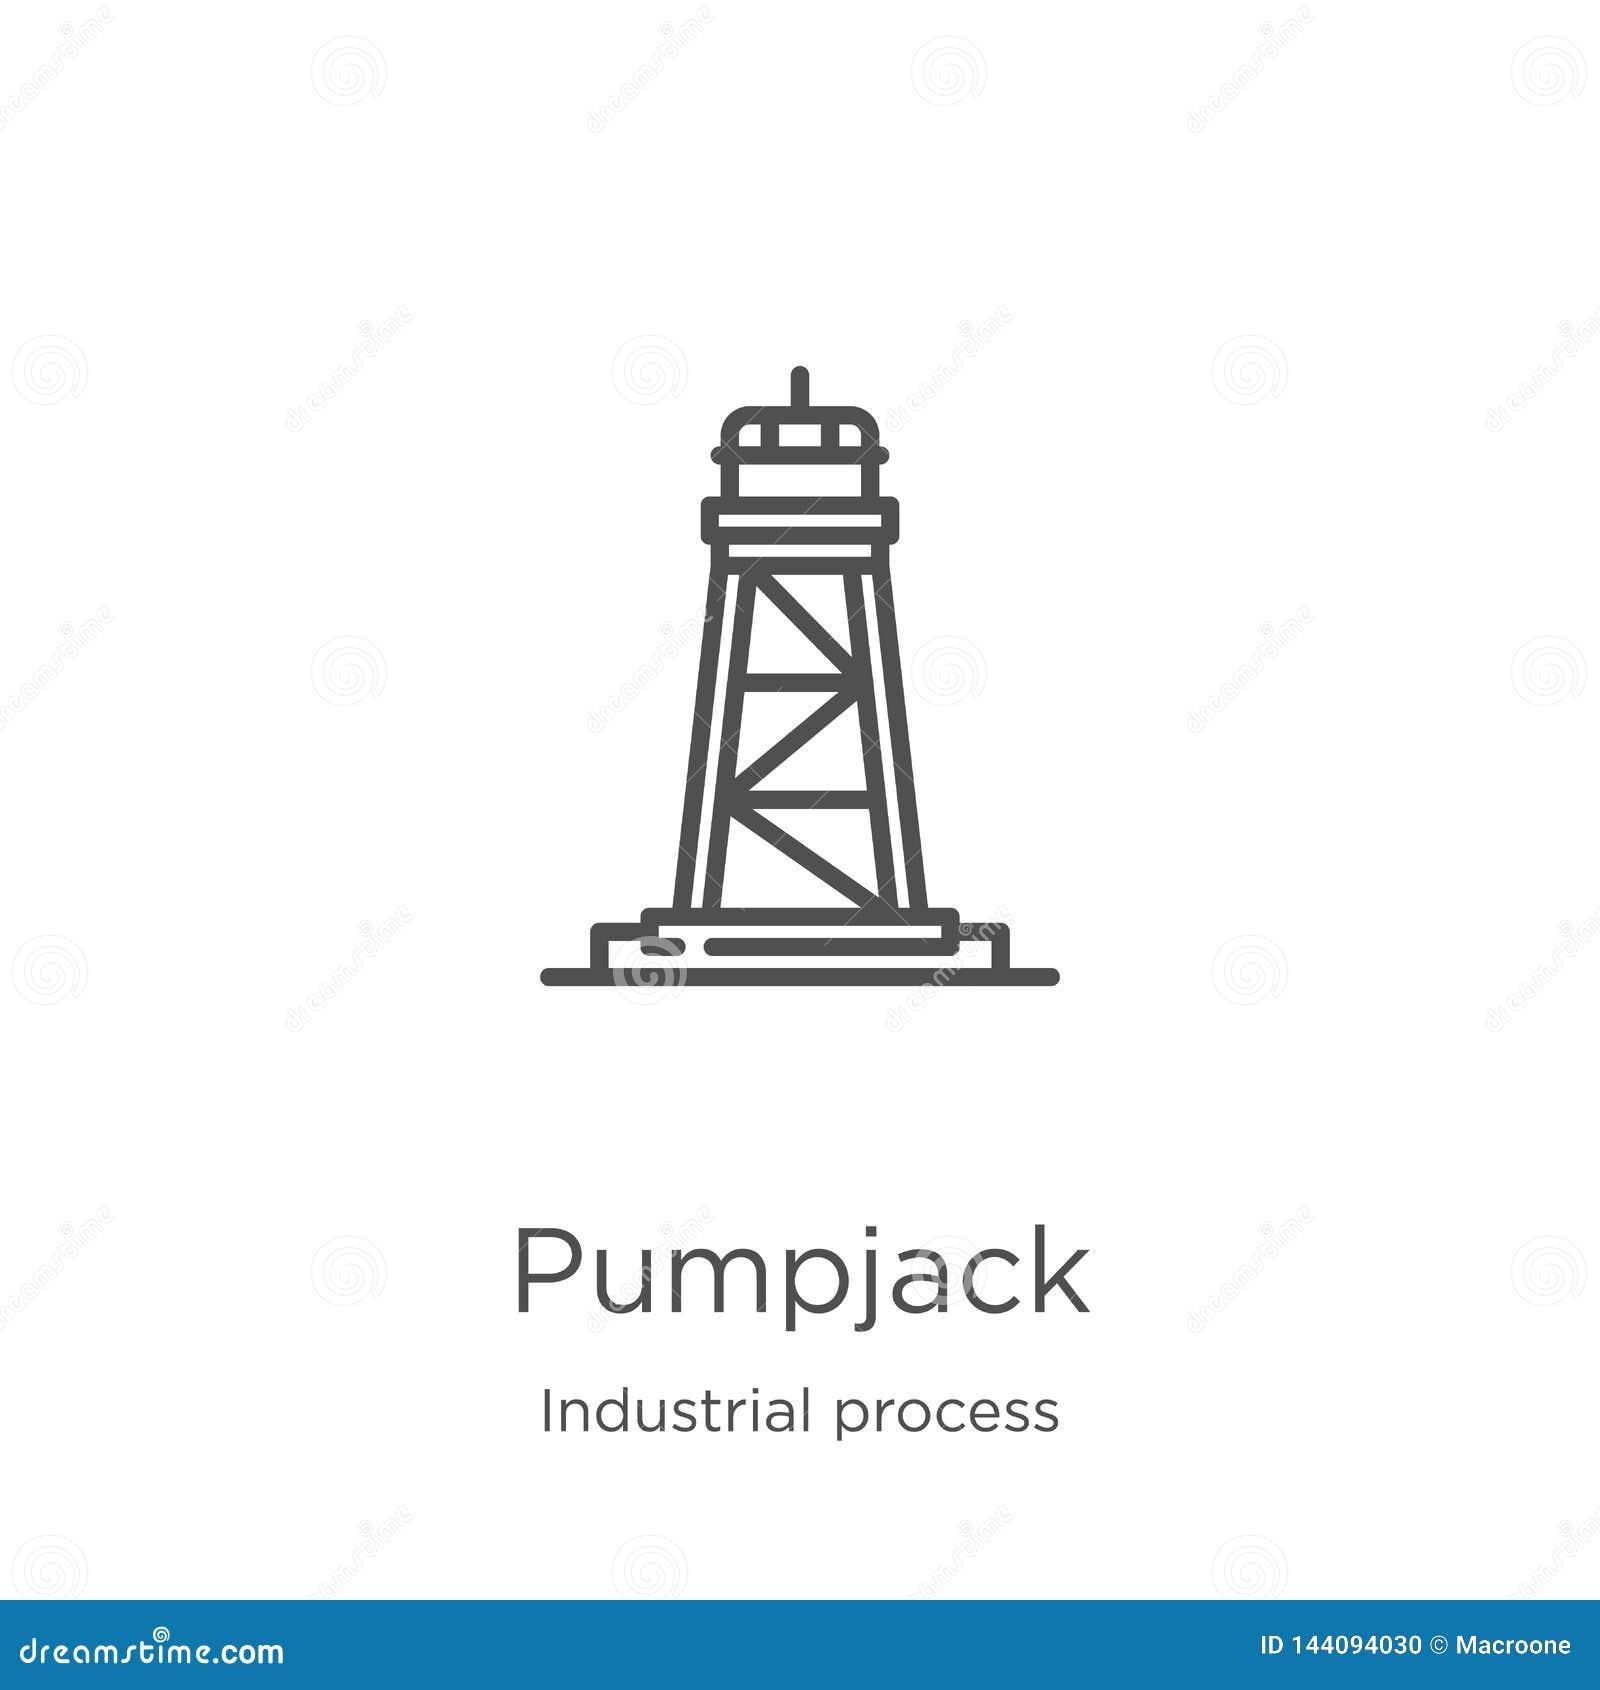 Vetor do ícone do pumpjack da coleção do processo industrial Linha fina ilustração do vetor do ícone do esboço do pumpjack Esboço